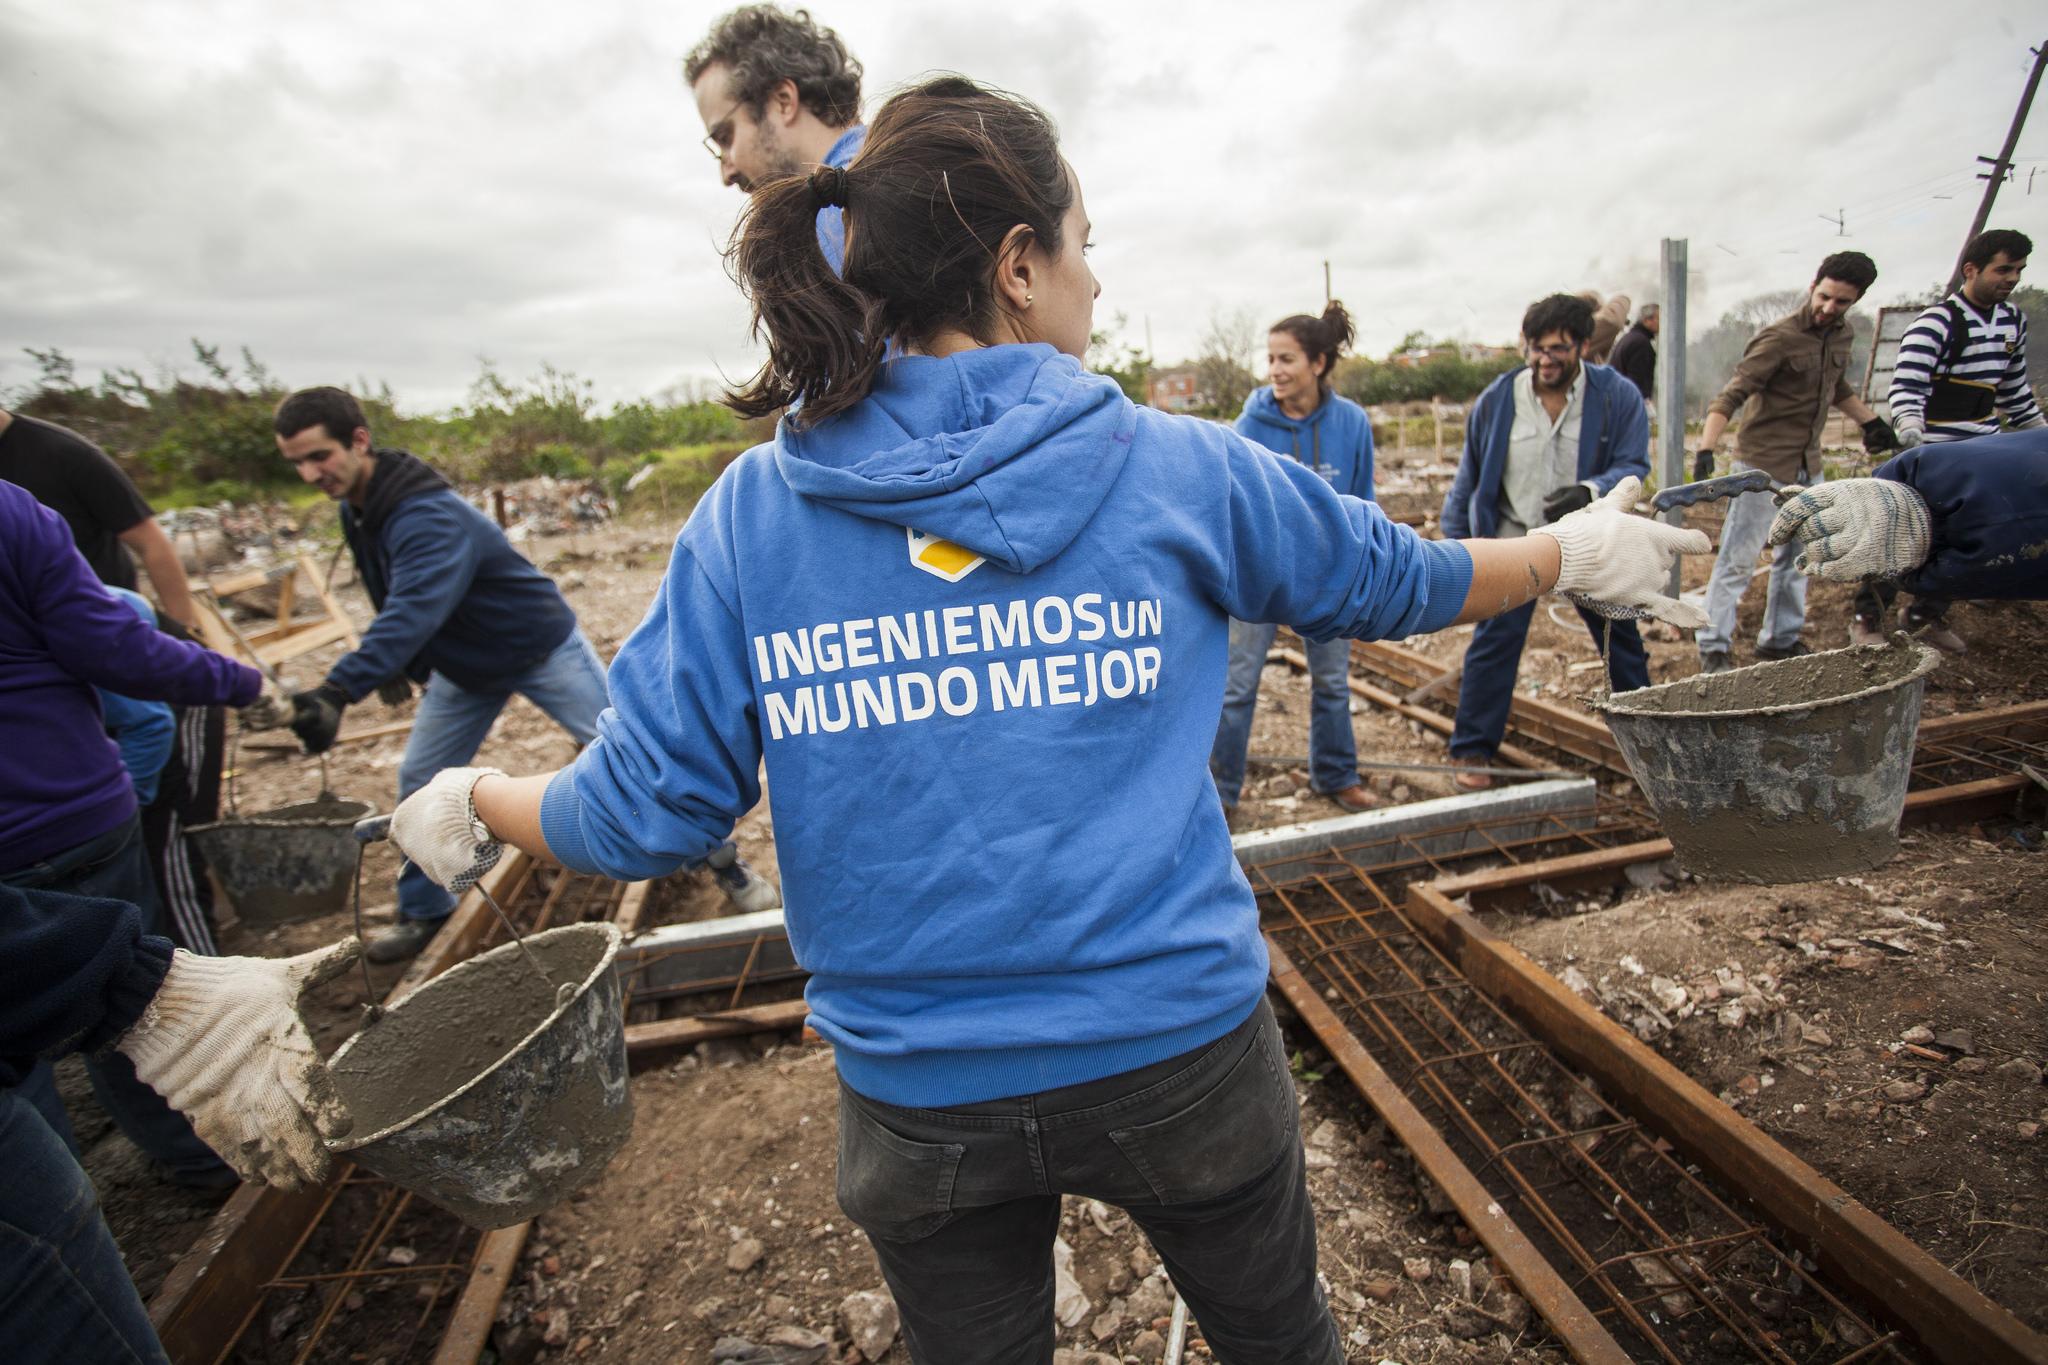 Ingenería Sin Fronteras Argentina